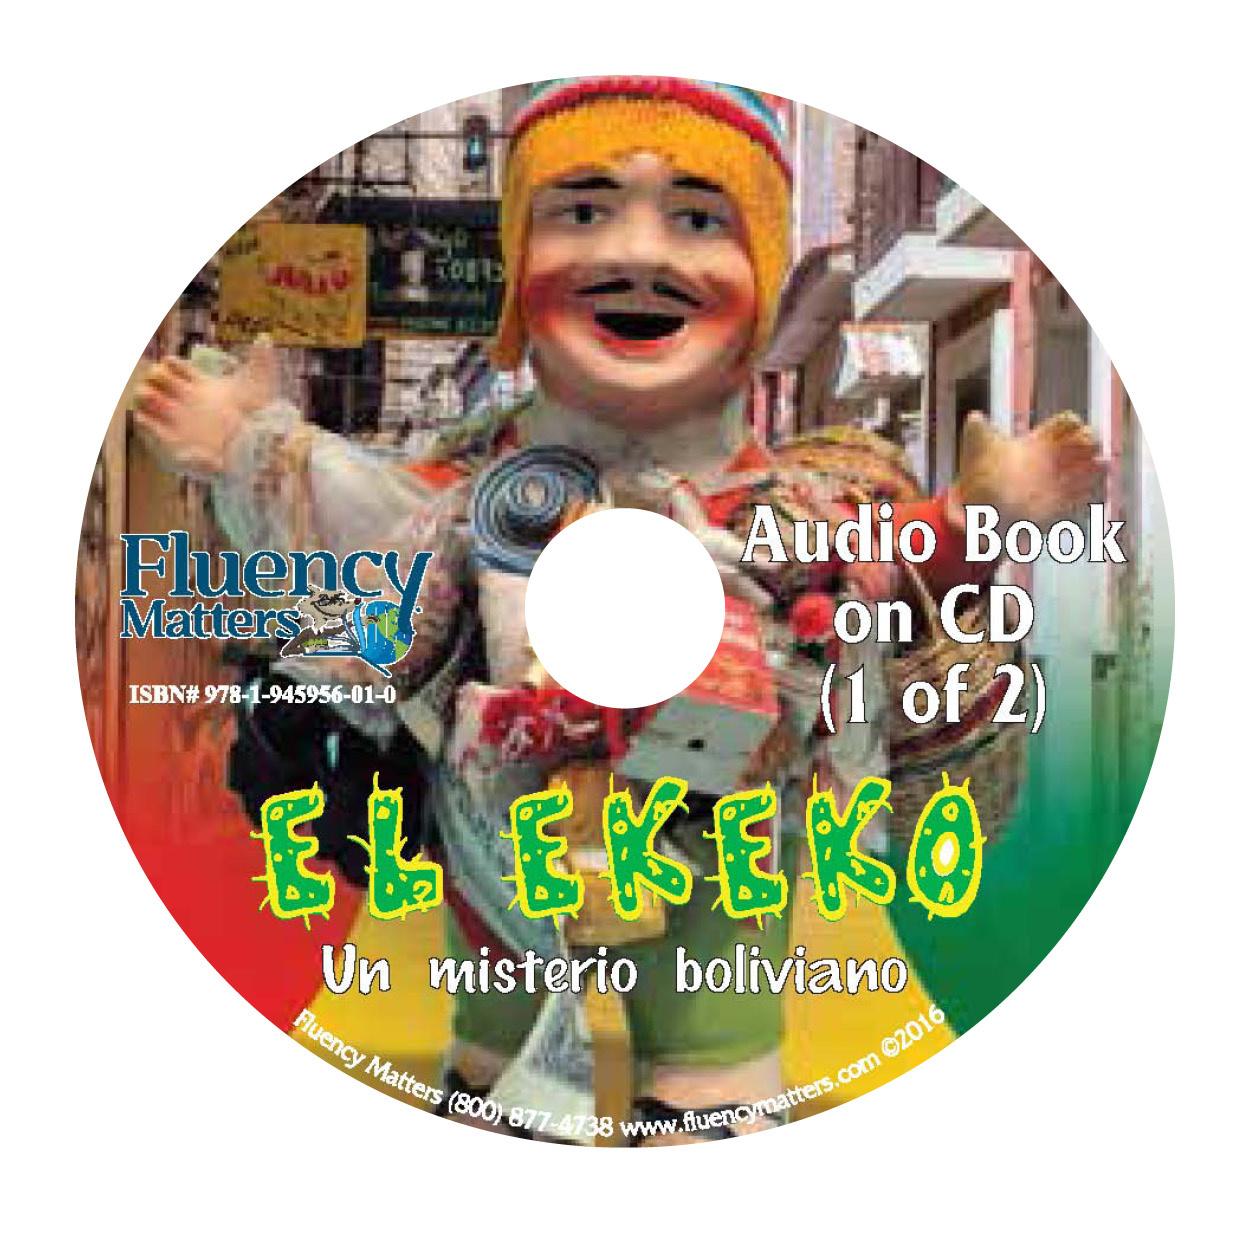 El Ekeko - Audio Book